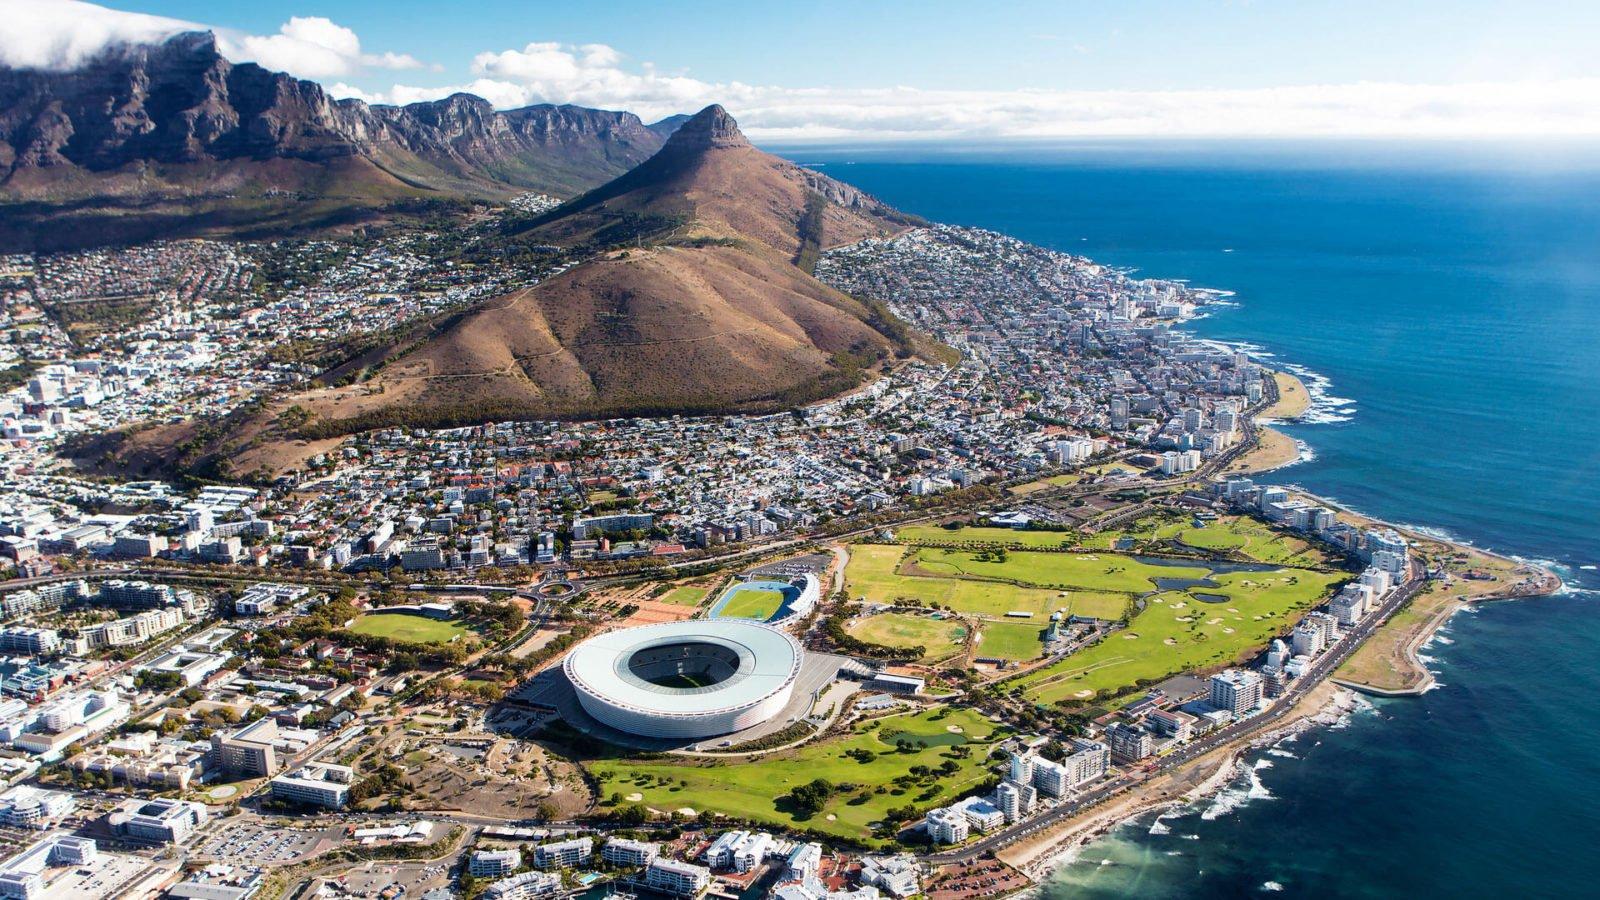 Cape Town superbe vue aérienne